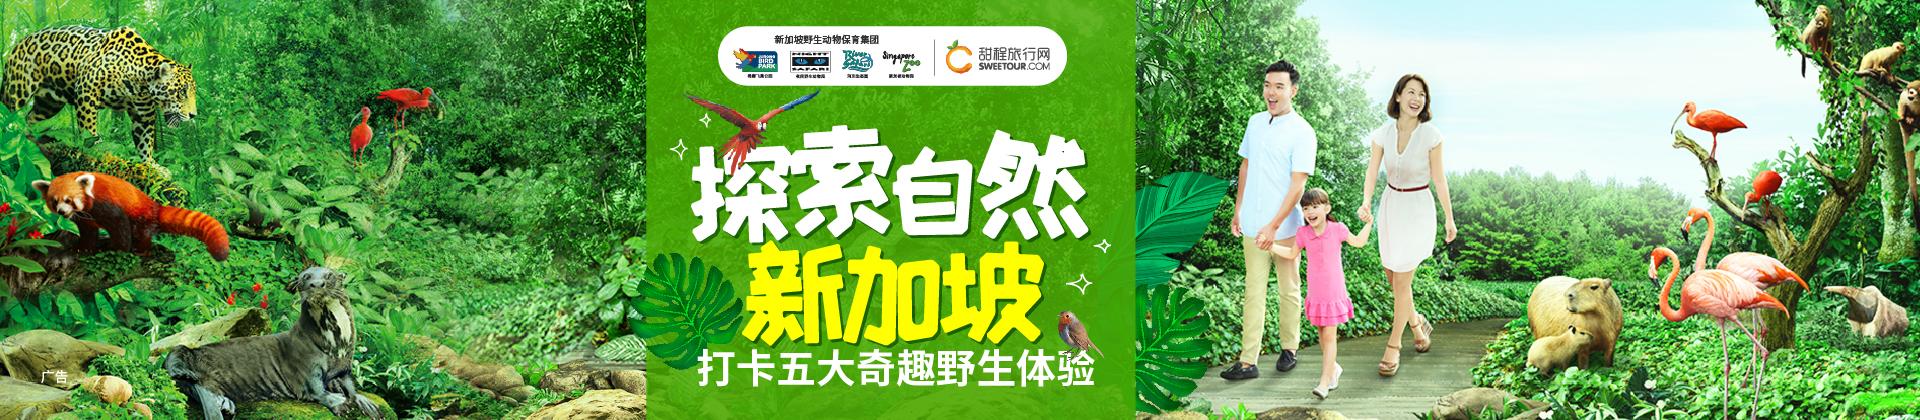 新加坡保育集团